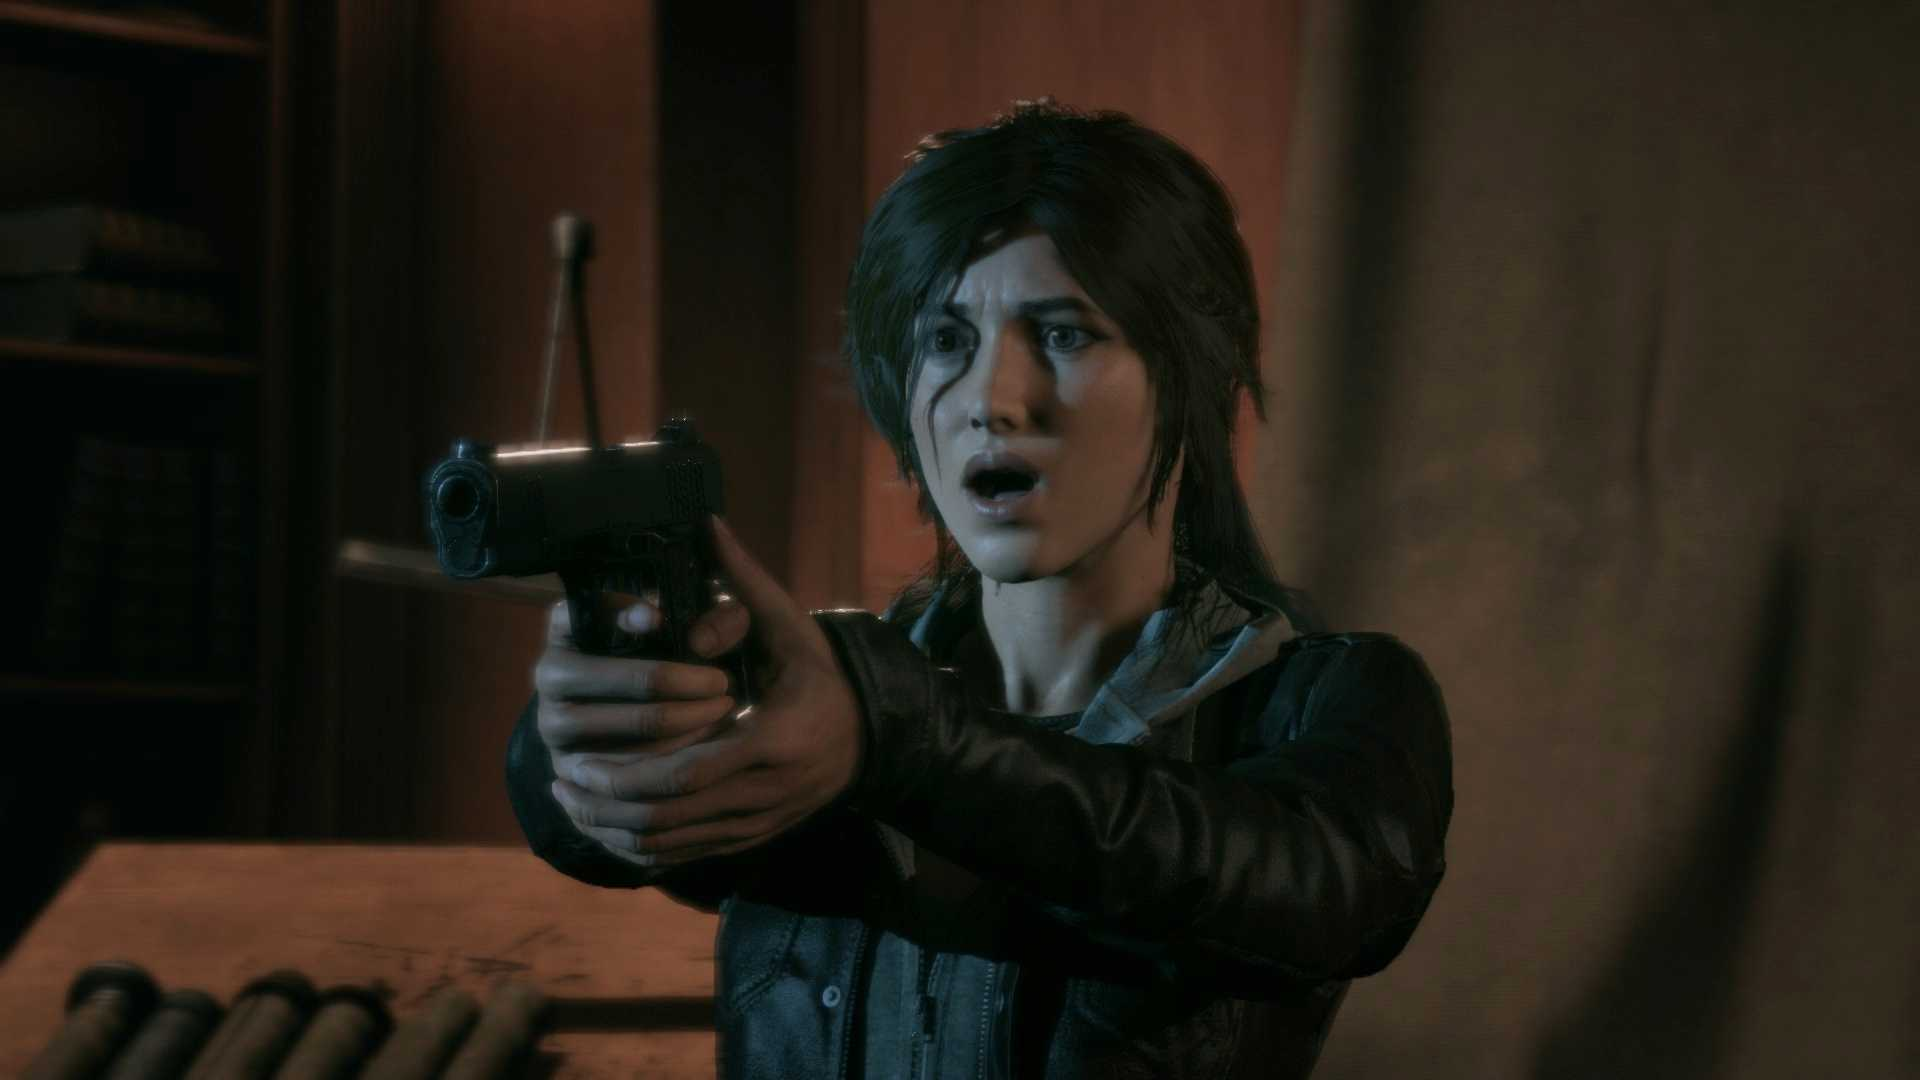 Selbst bei maximaler Detailstufe laufen aktuelle Spiele wie Rise of the Tomb Raider flüssig und sehen klasse aus.